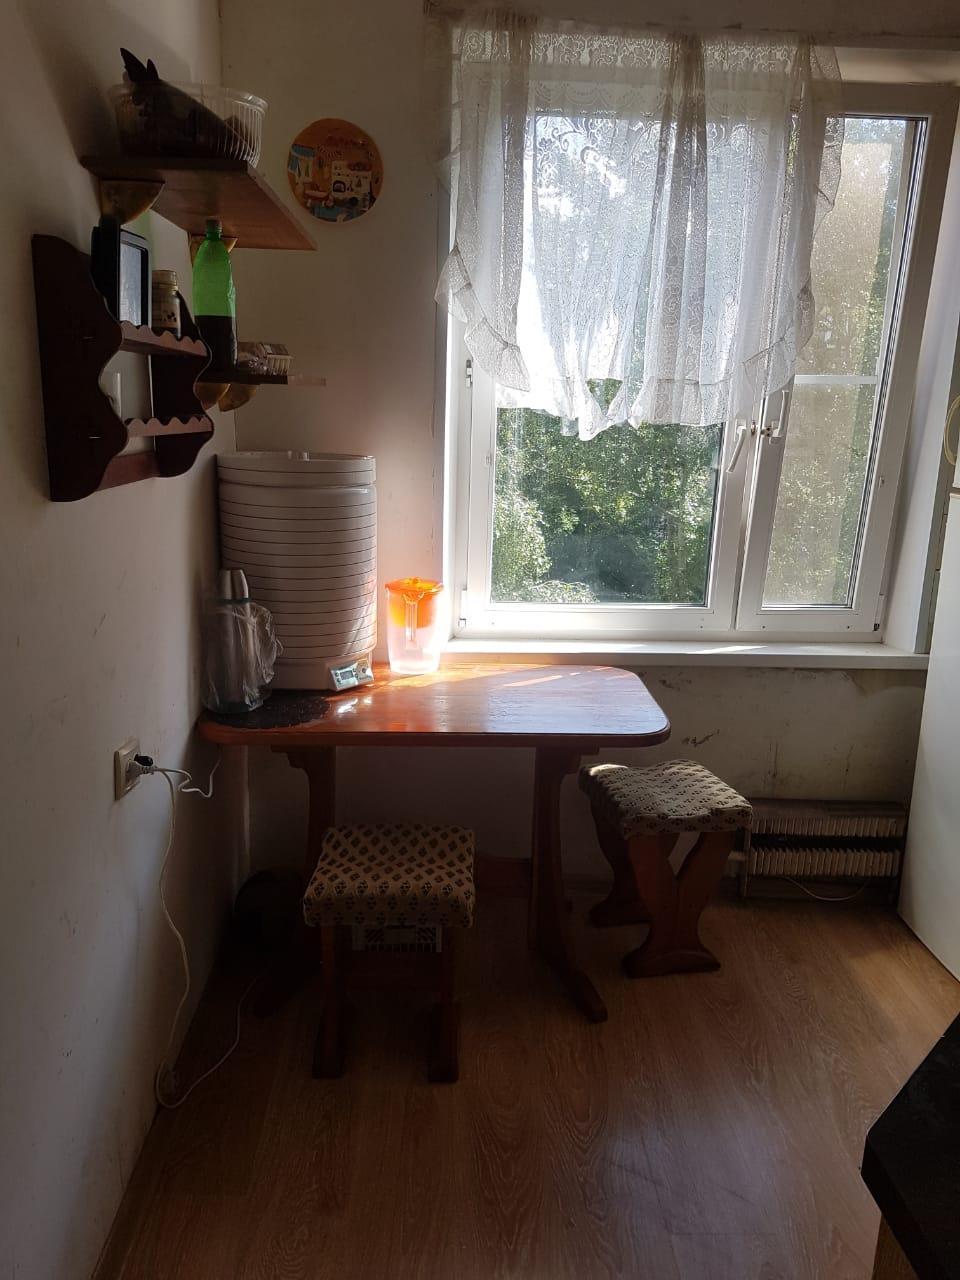 Квартира, 2 комнаты, 45 м² в Москве 89645329600 купить 4